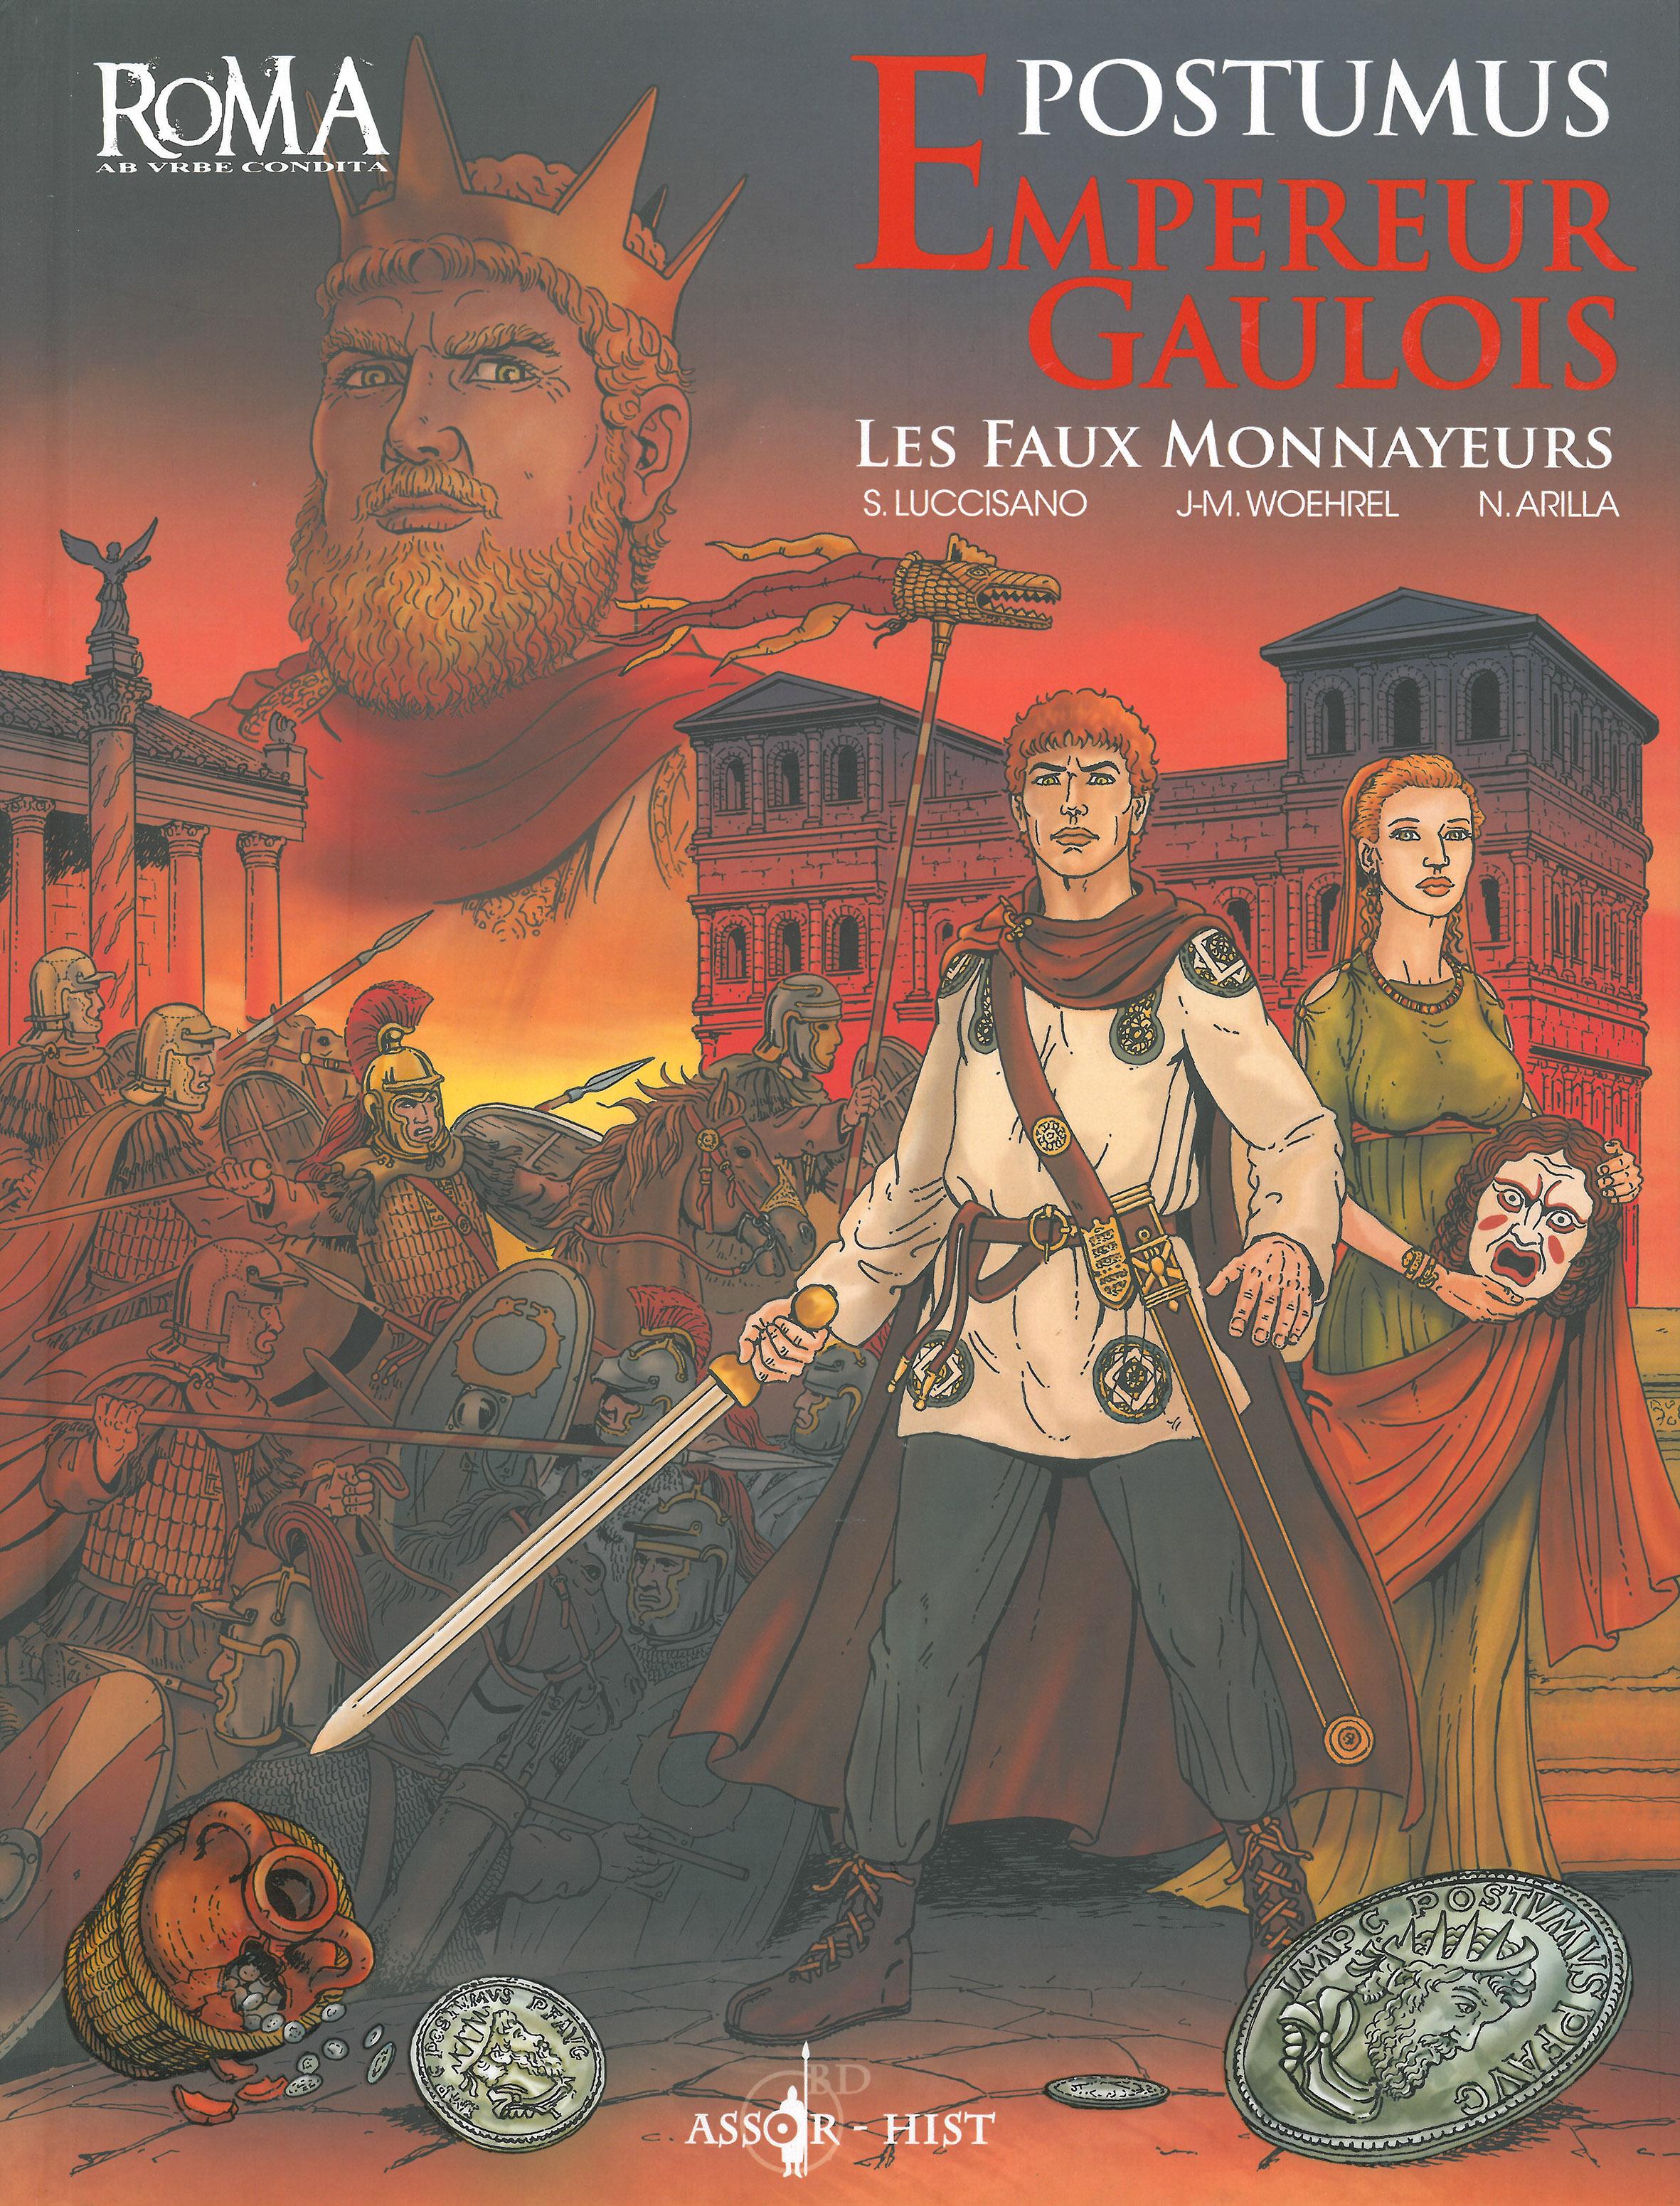 Postumus, Empereur Gaulois – Les faux monnayeurs